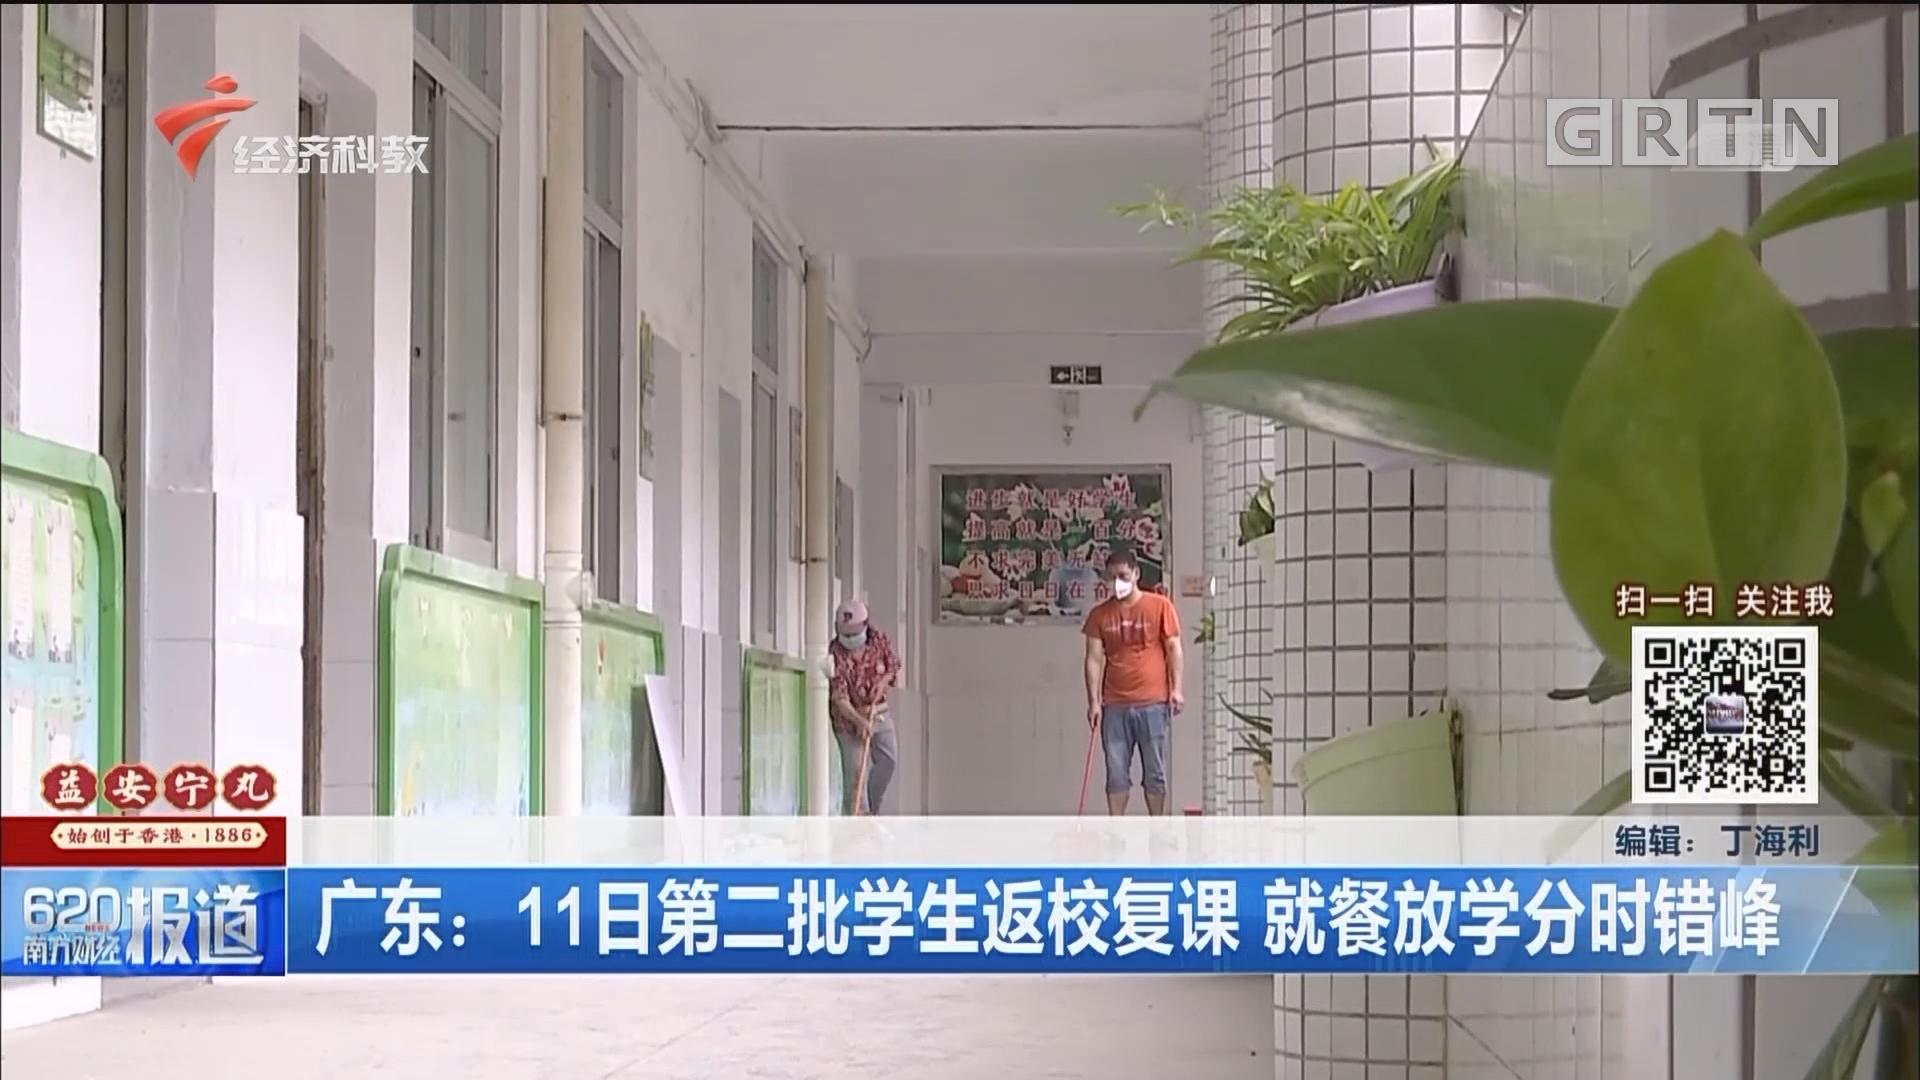 廣東:11日第二批學生返校復課 就餐放學分時錯峰